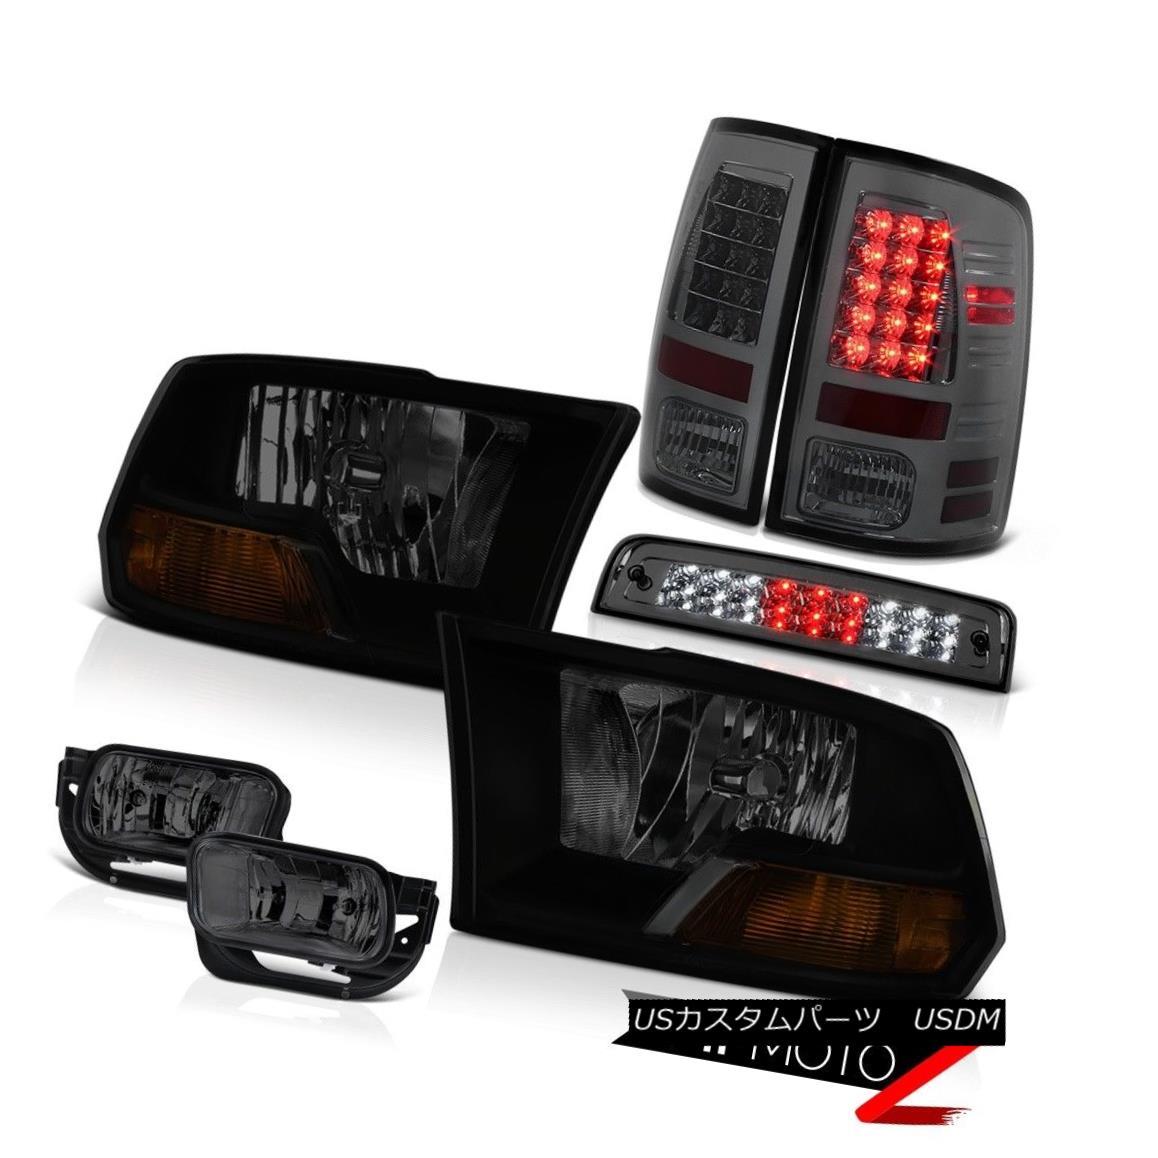 テールライト 10-18 Dodge Ram 2500 3500 3.0L Foglamps Roof Cab Lamp Tail Brake Lamps Headlamps 10-18 Dodge Ram 2500 3500 3.0Lフォグランプルーフキャブランプテールブレーキランプヘッドランプ